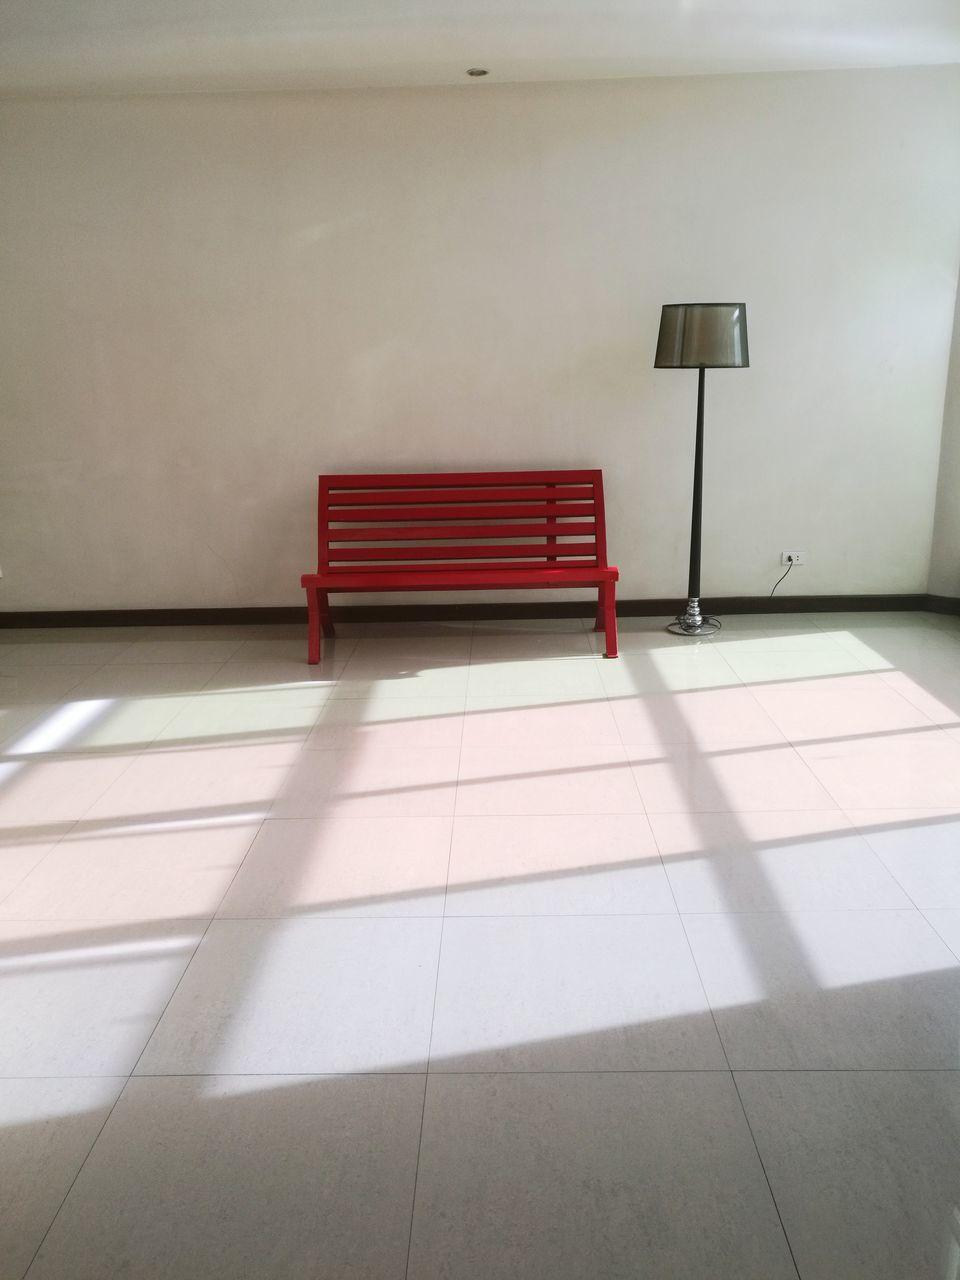 flooring, indoors, empty, no people, day